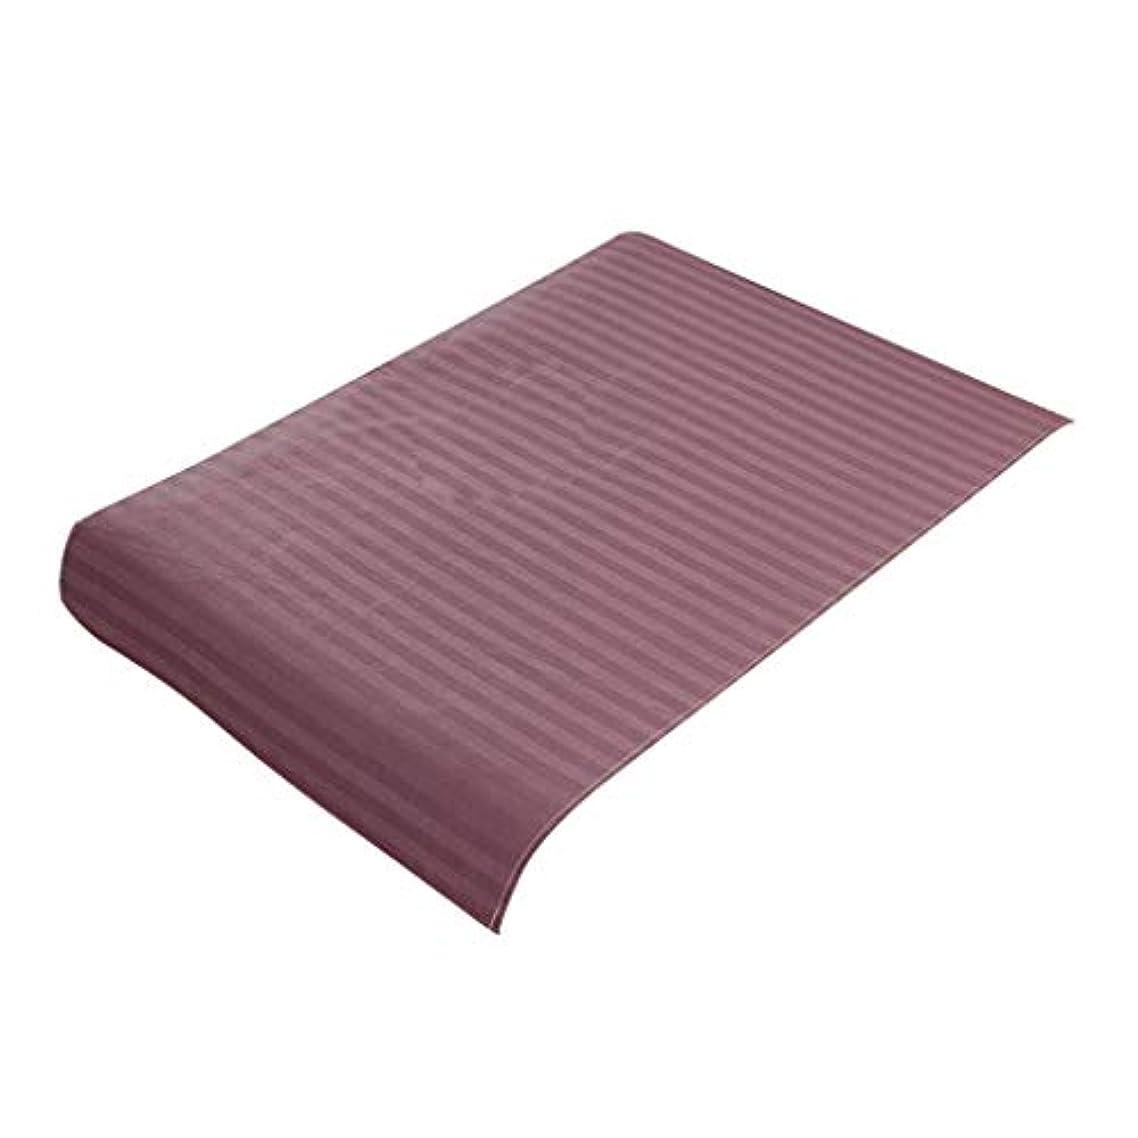 ご予約手がかりポンプスパ マッサージベッドカバー 美容ベッドカバー 綿製 断面 マッサージテーブルスカート 60x90cm - 紫